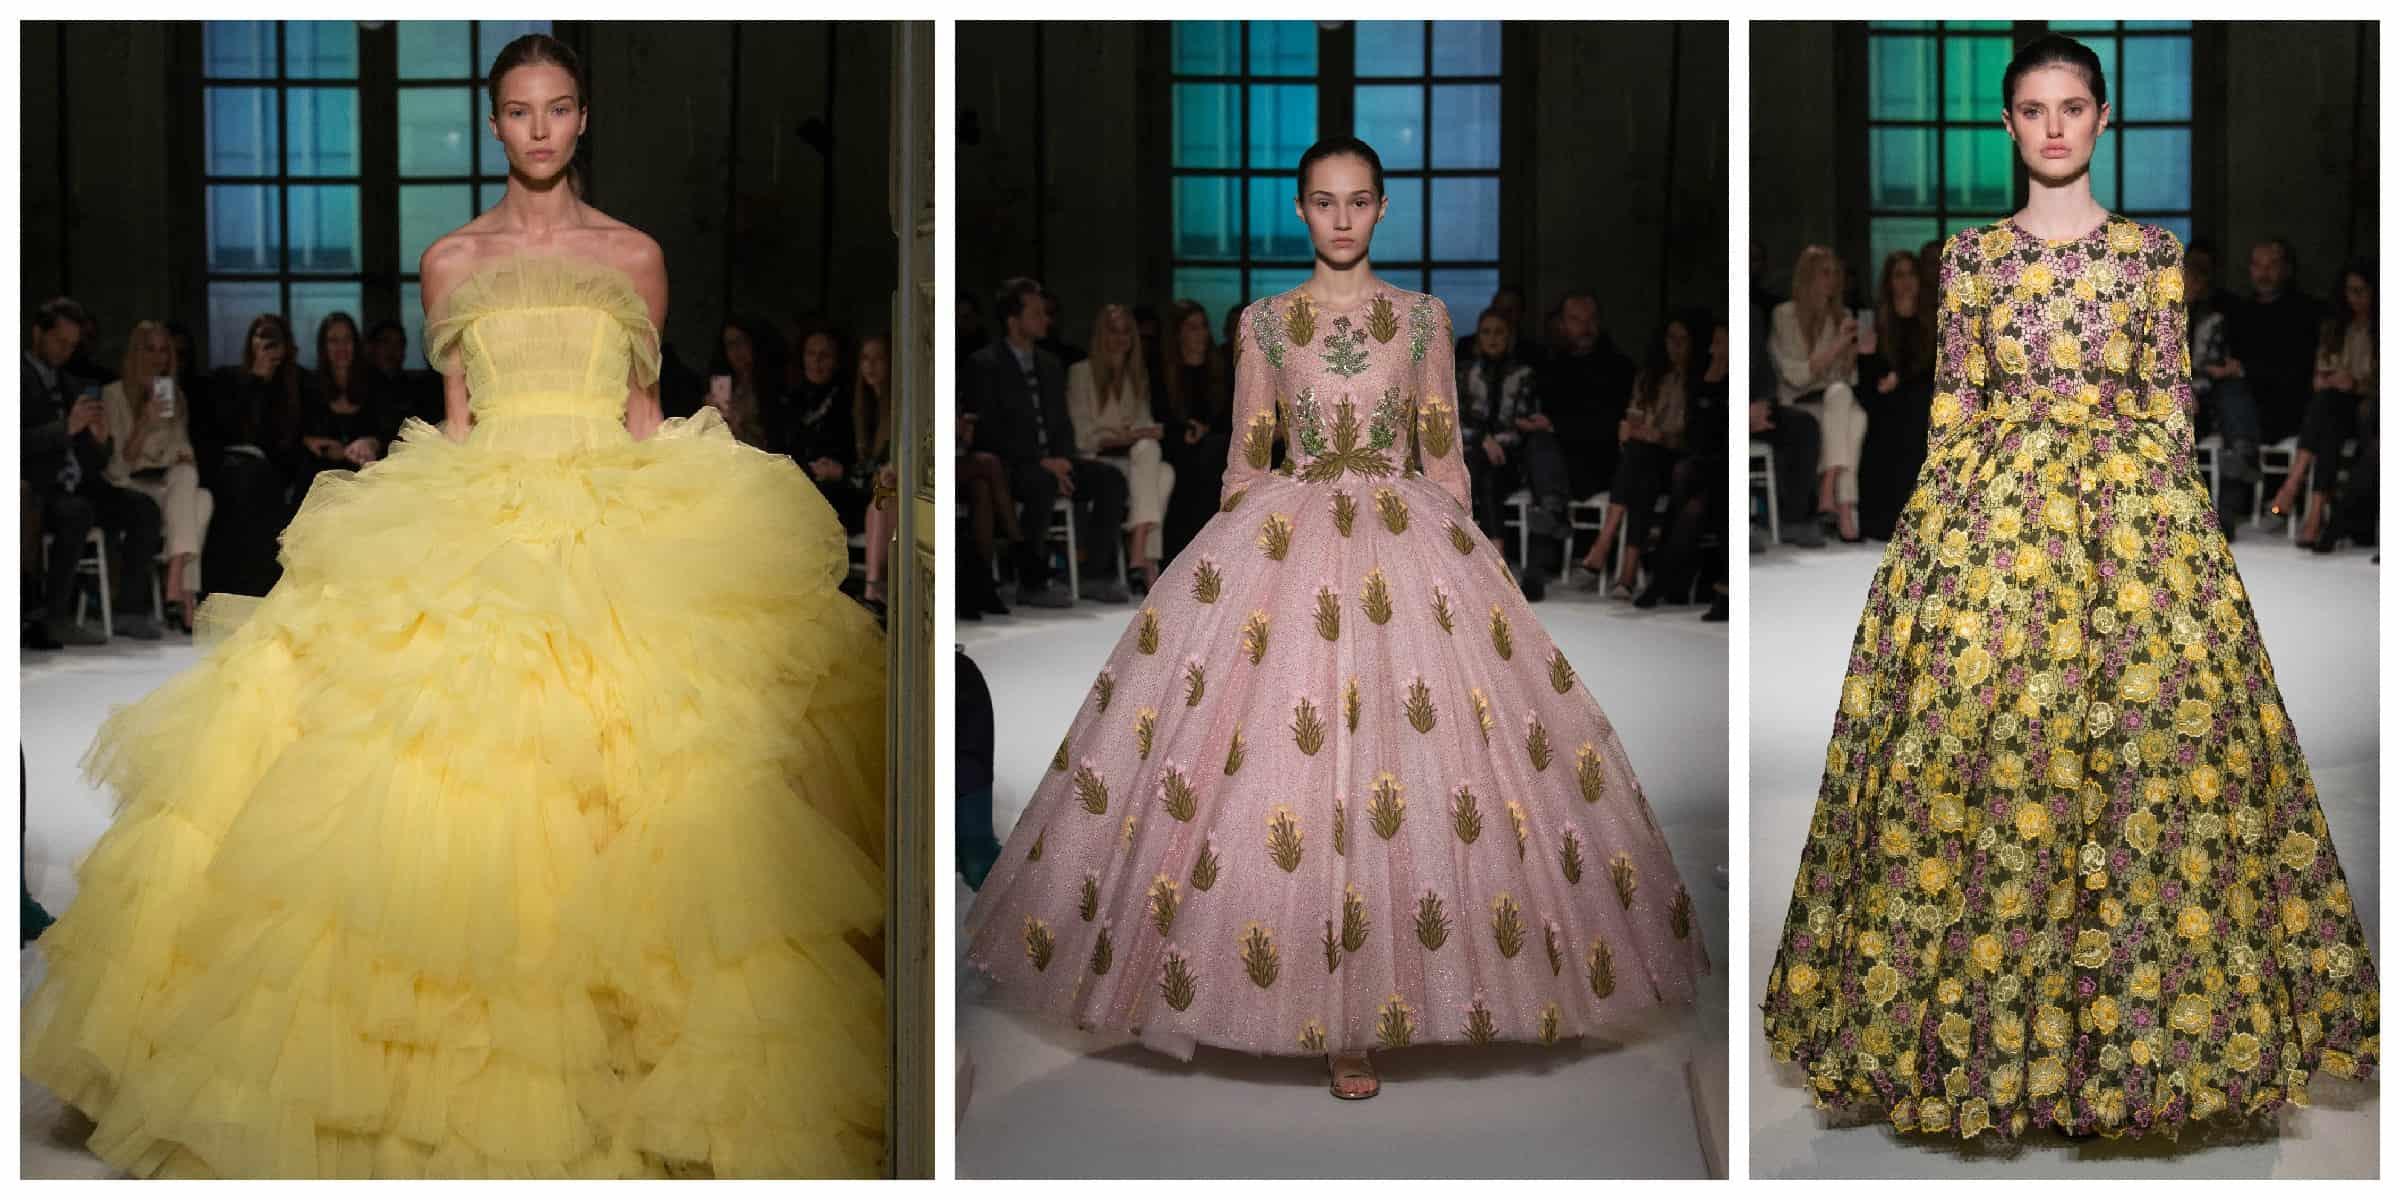 Giambatista Valli Spring 2017 Couture